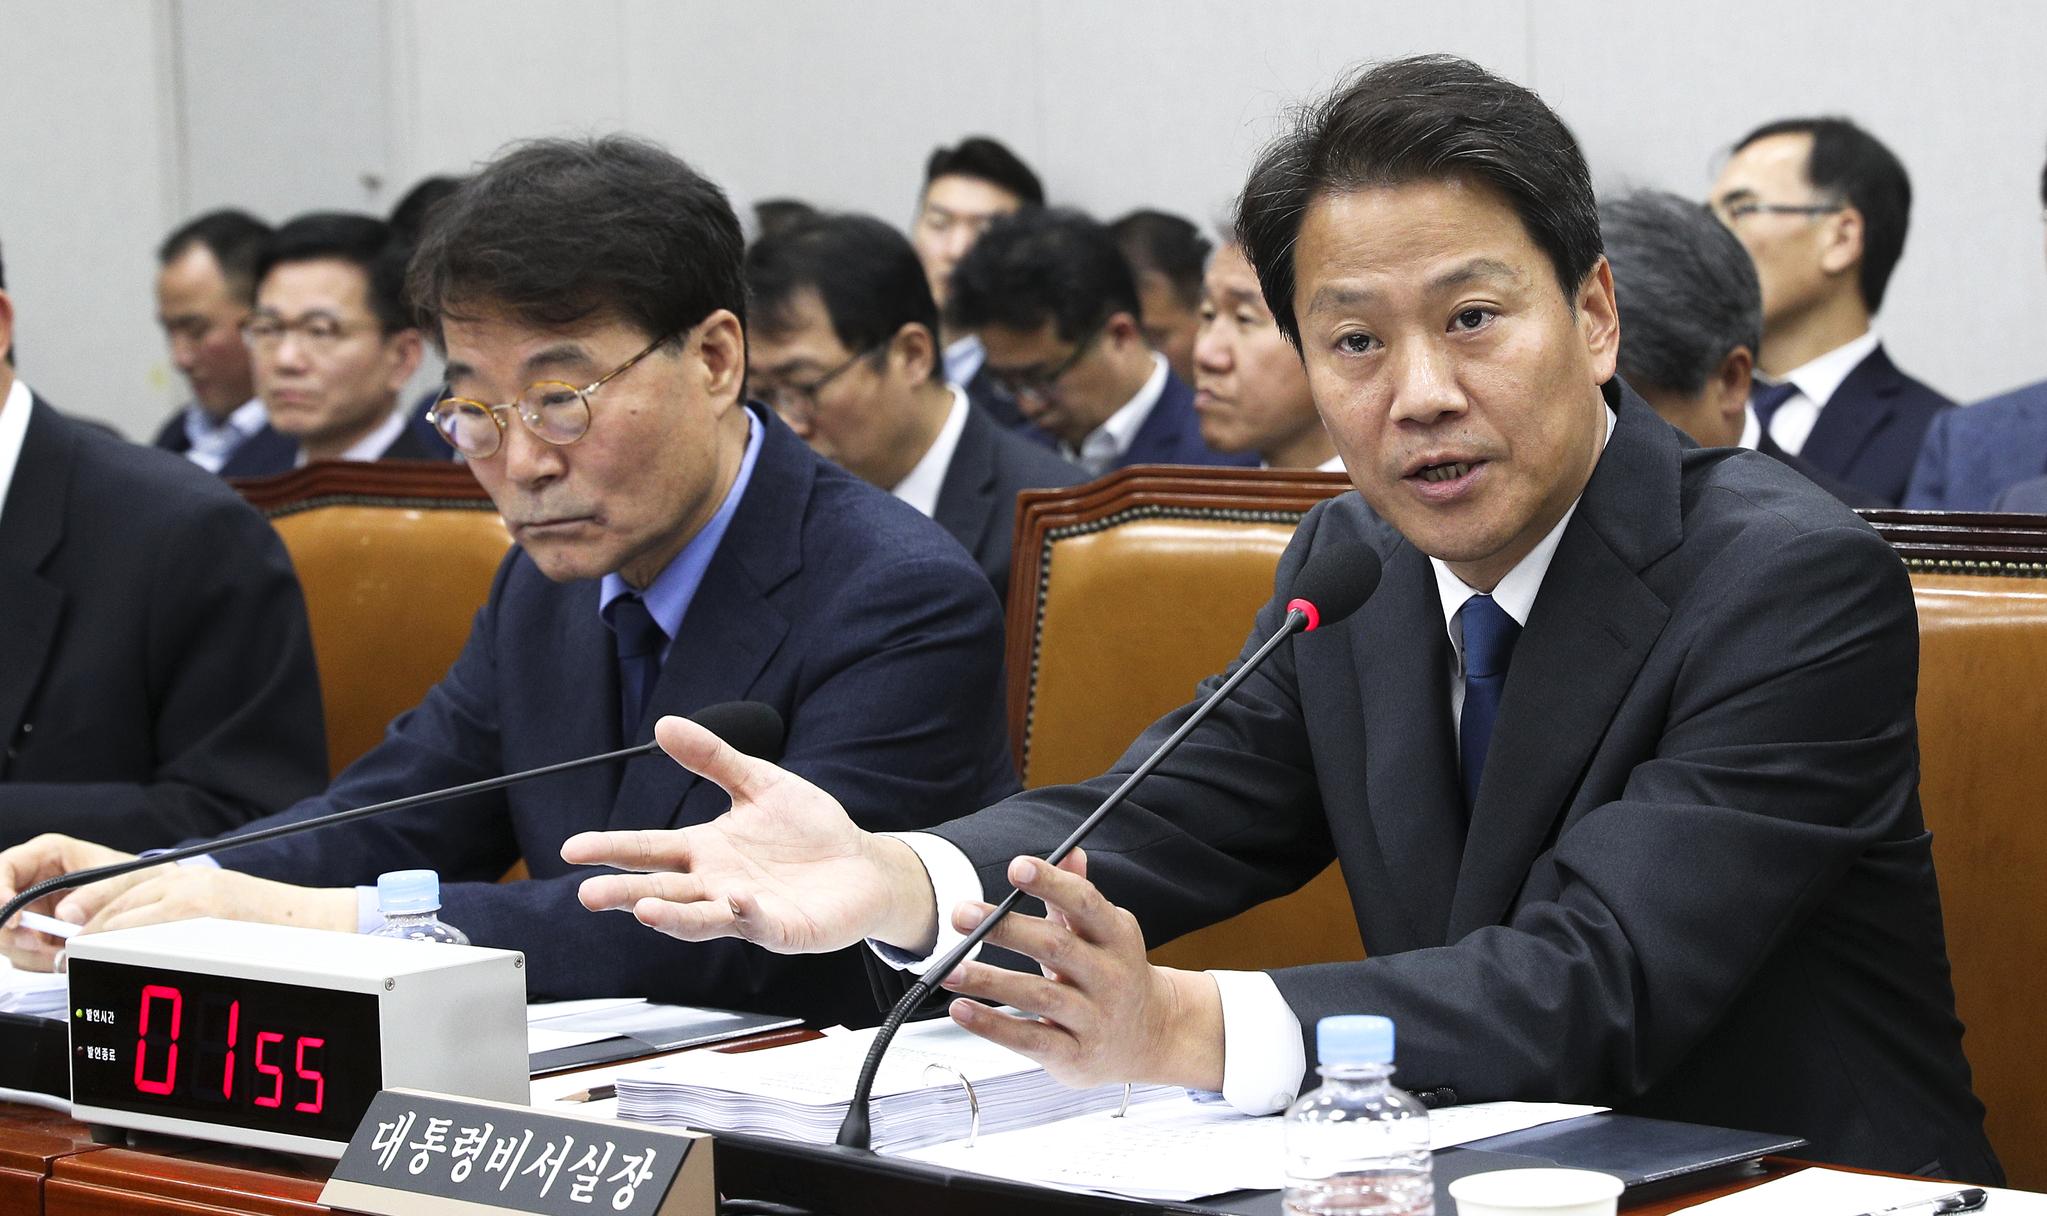 임종석 청와대 비서실장이 6일 국회에서 열린 국회 운영위원회의 청와대에 대한 국정감사에서 무소속 손금주 의원의 질의에 답하고 있다. 임현동 기자